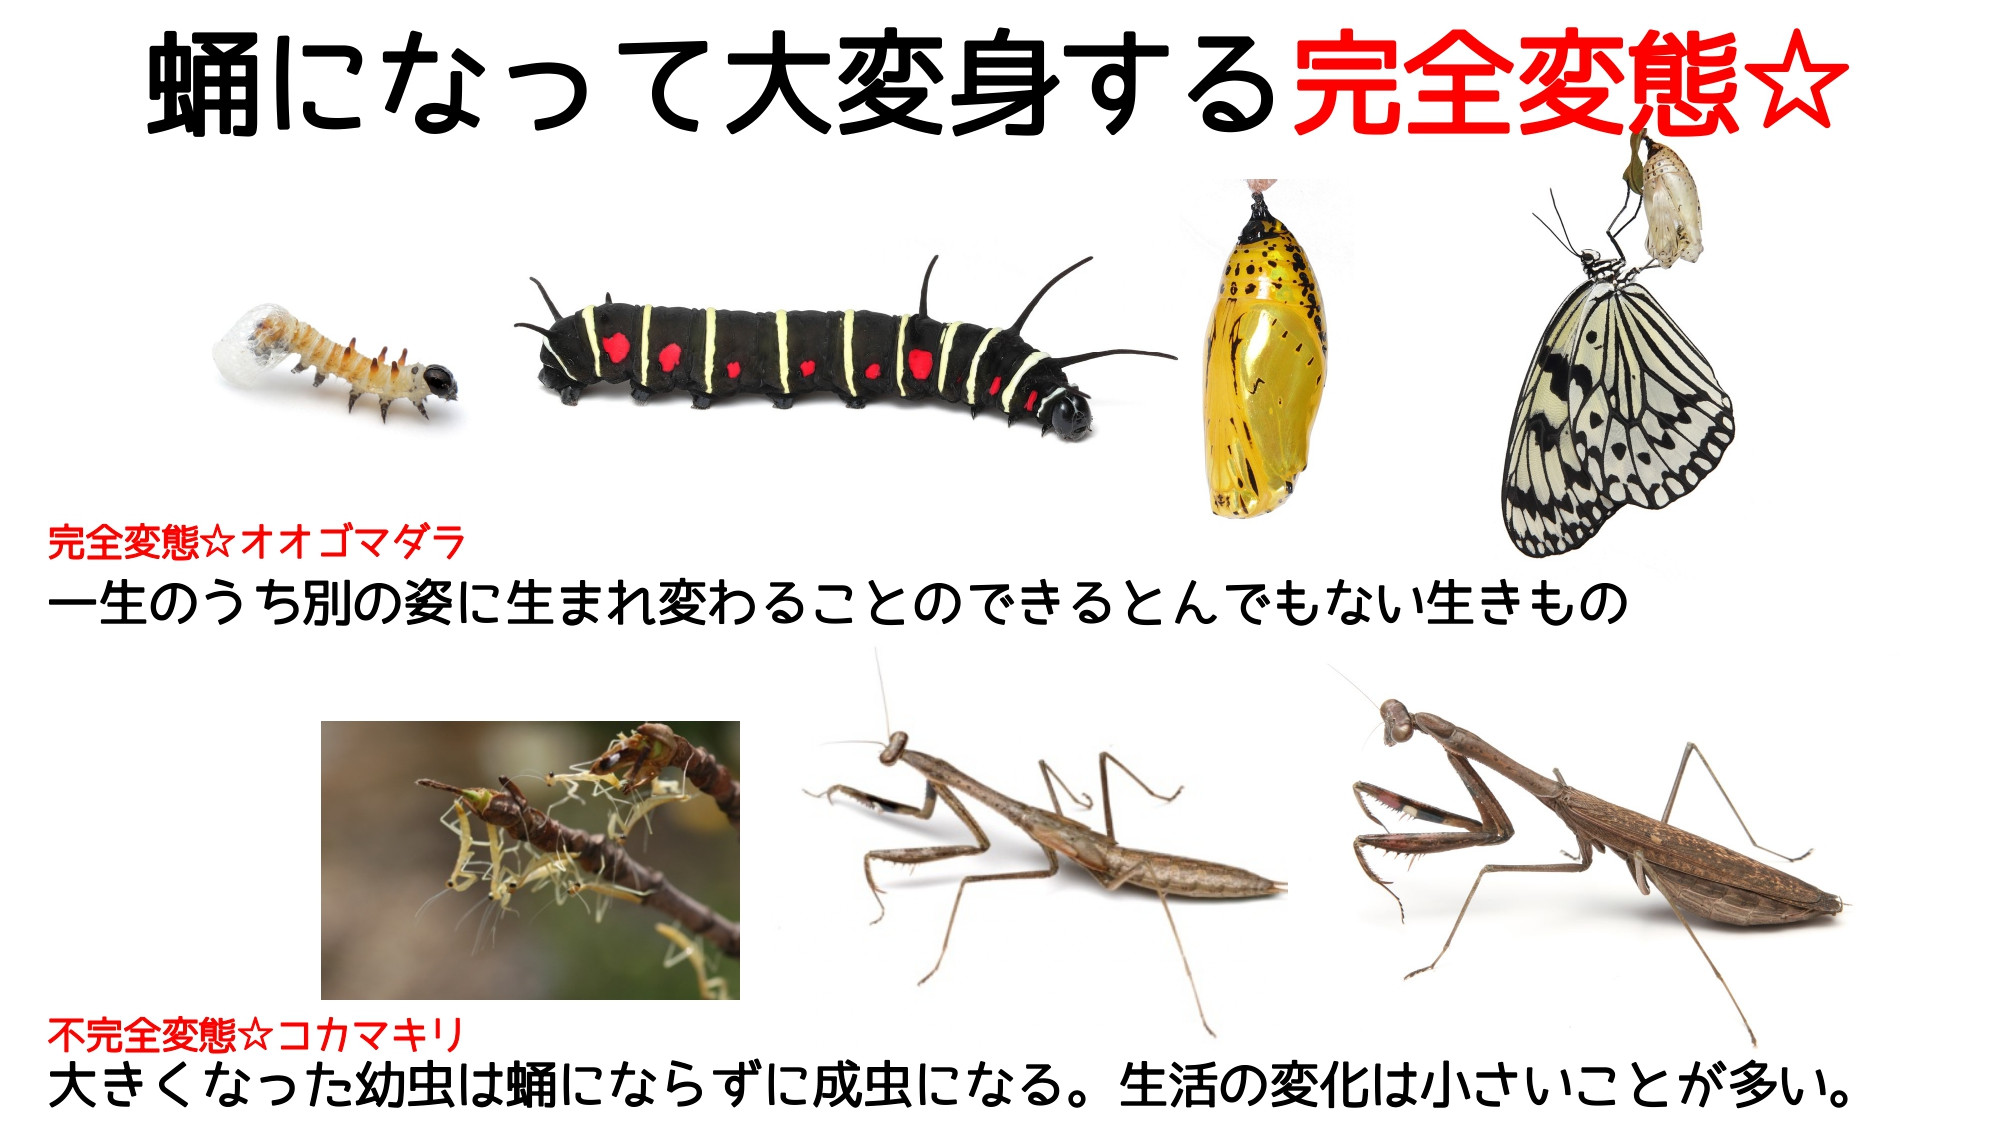 どこ博講演_2020ふれあい昆虫館 (4)